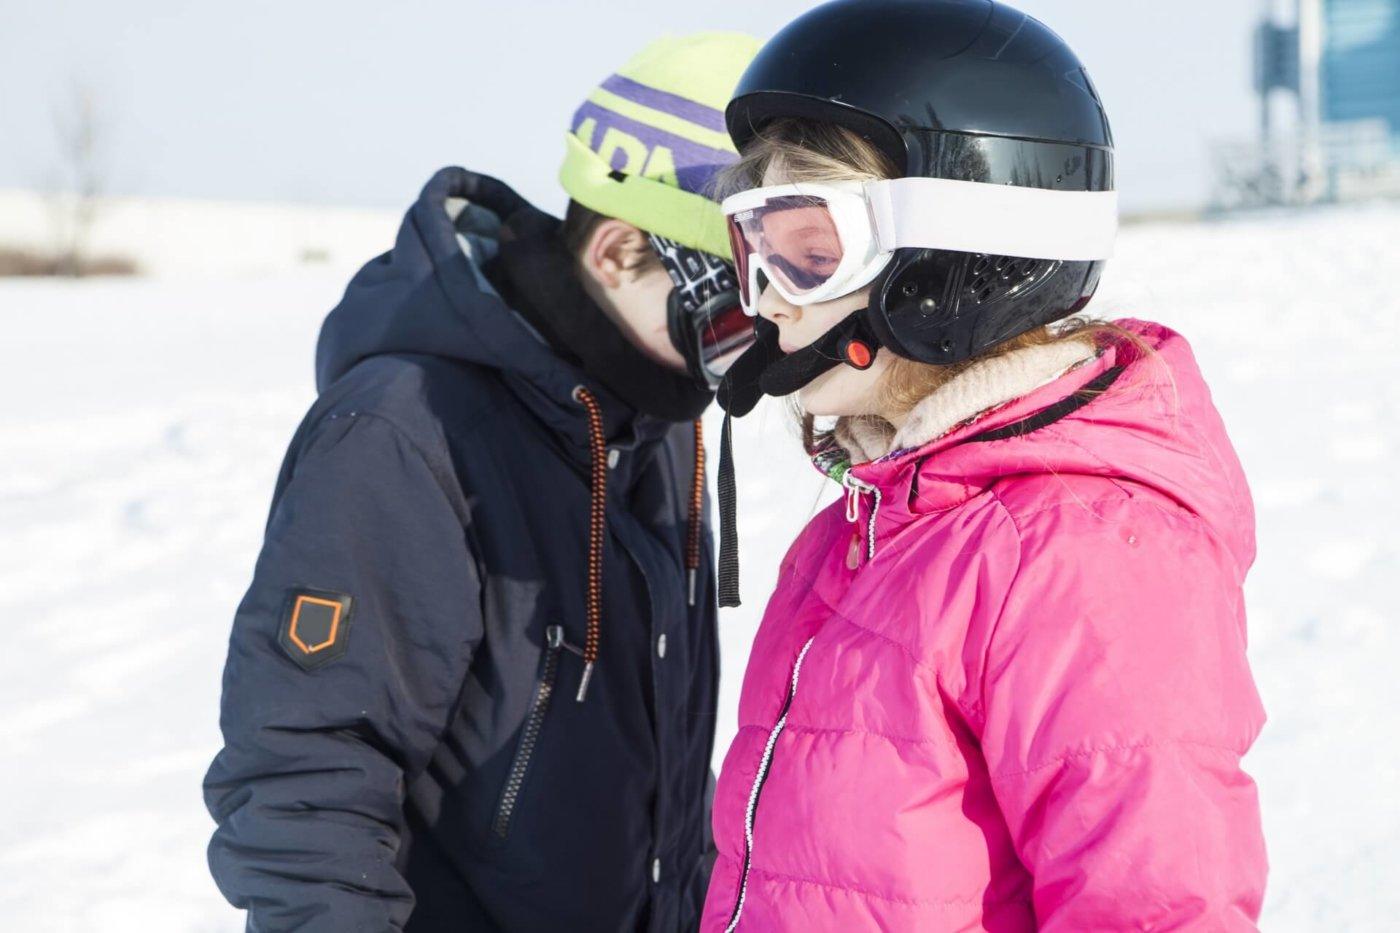 スノーボードするなら!ヘルメットはあった方がいいに決まってる!